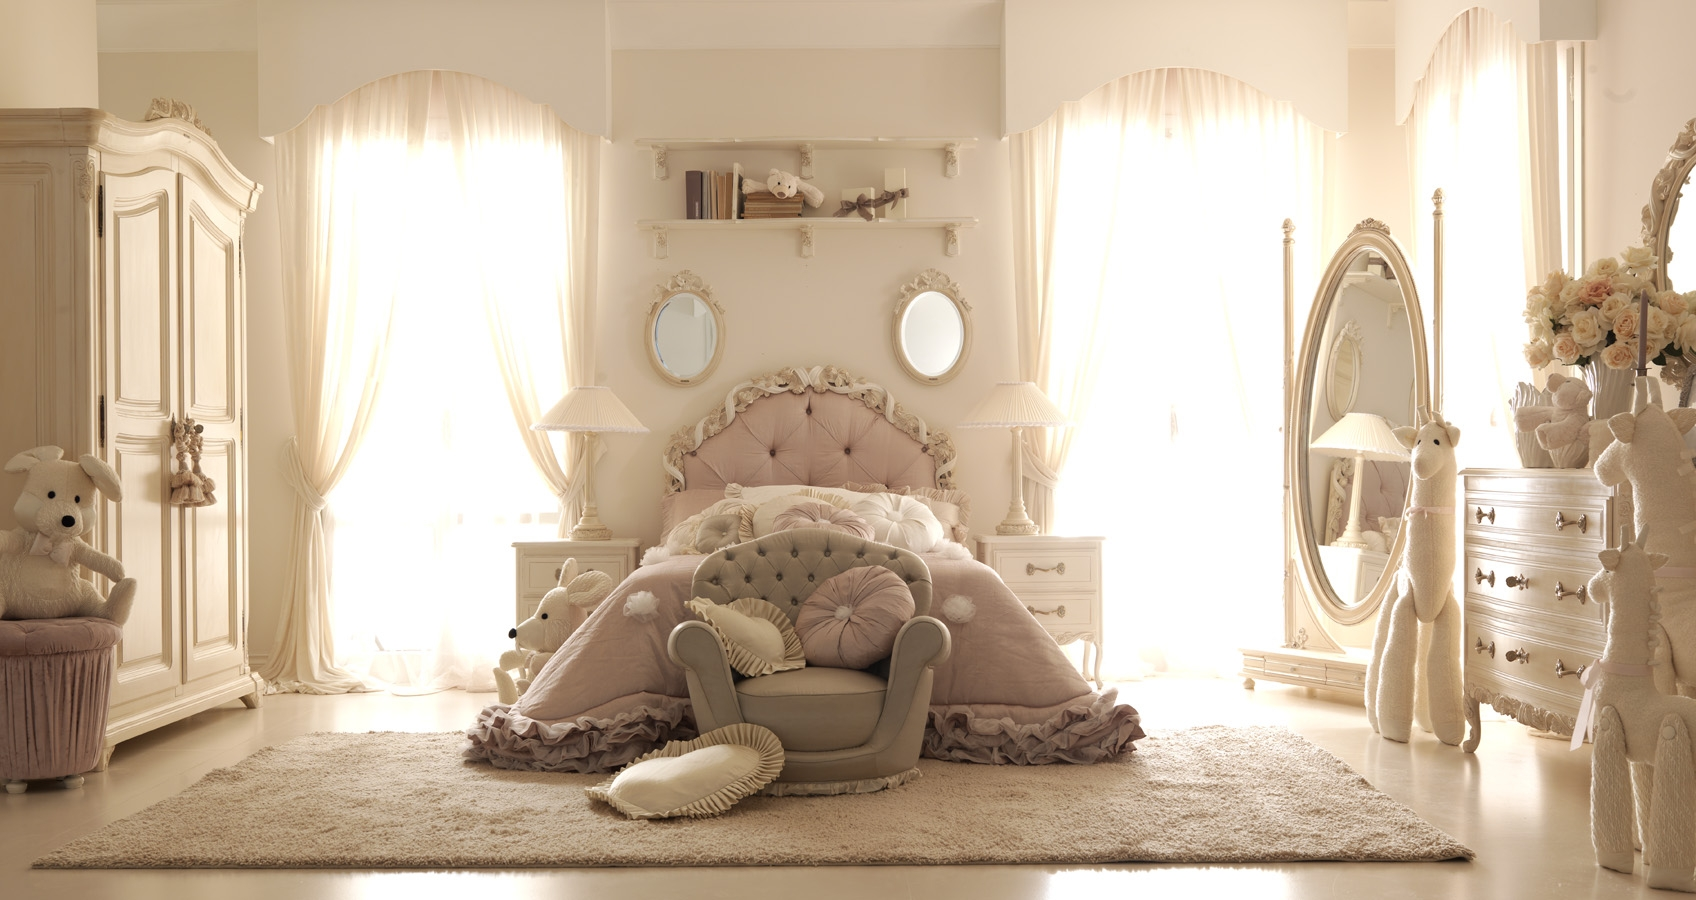 ديكورات غرف نوم كلاسيك (5)